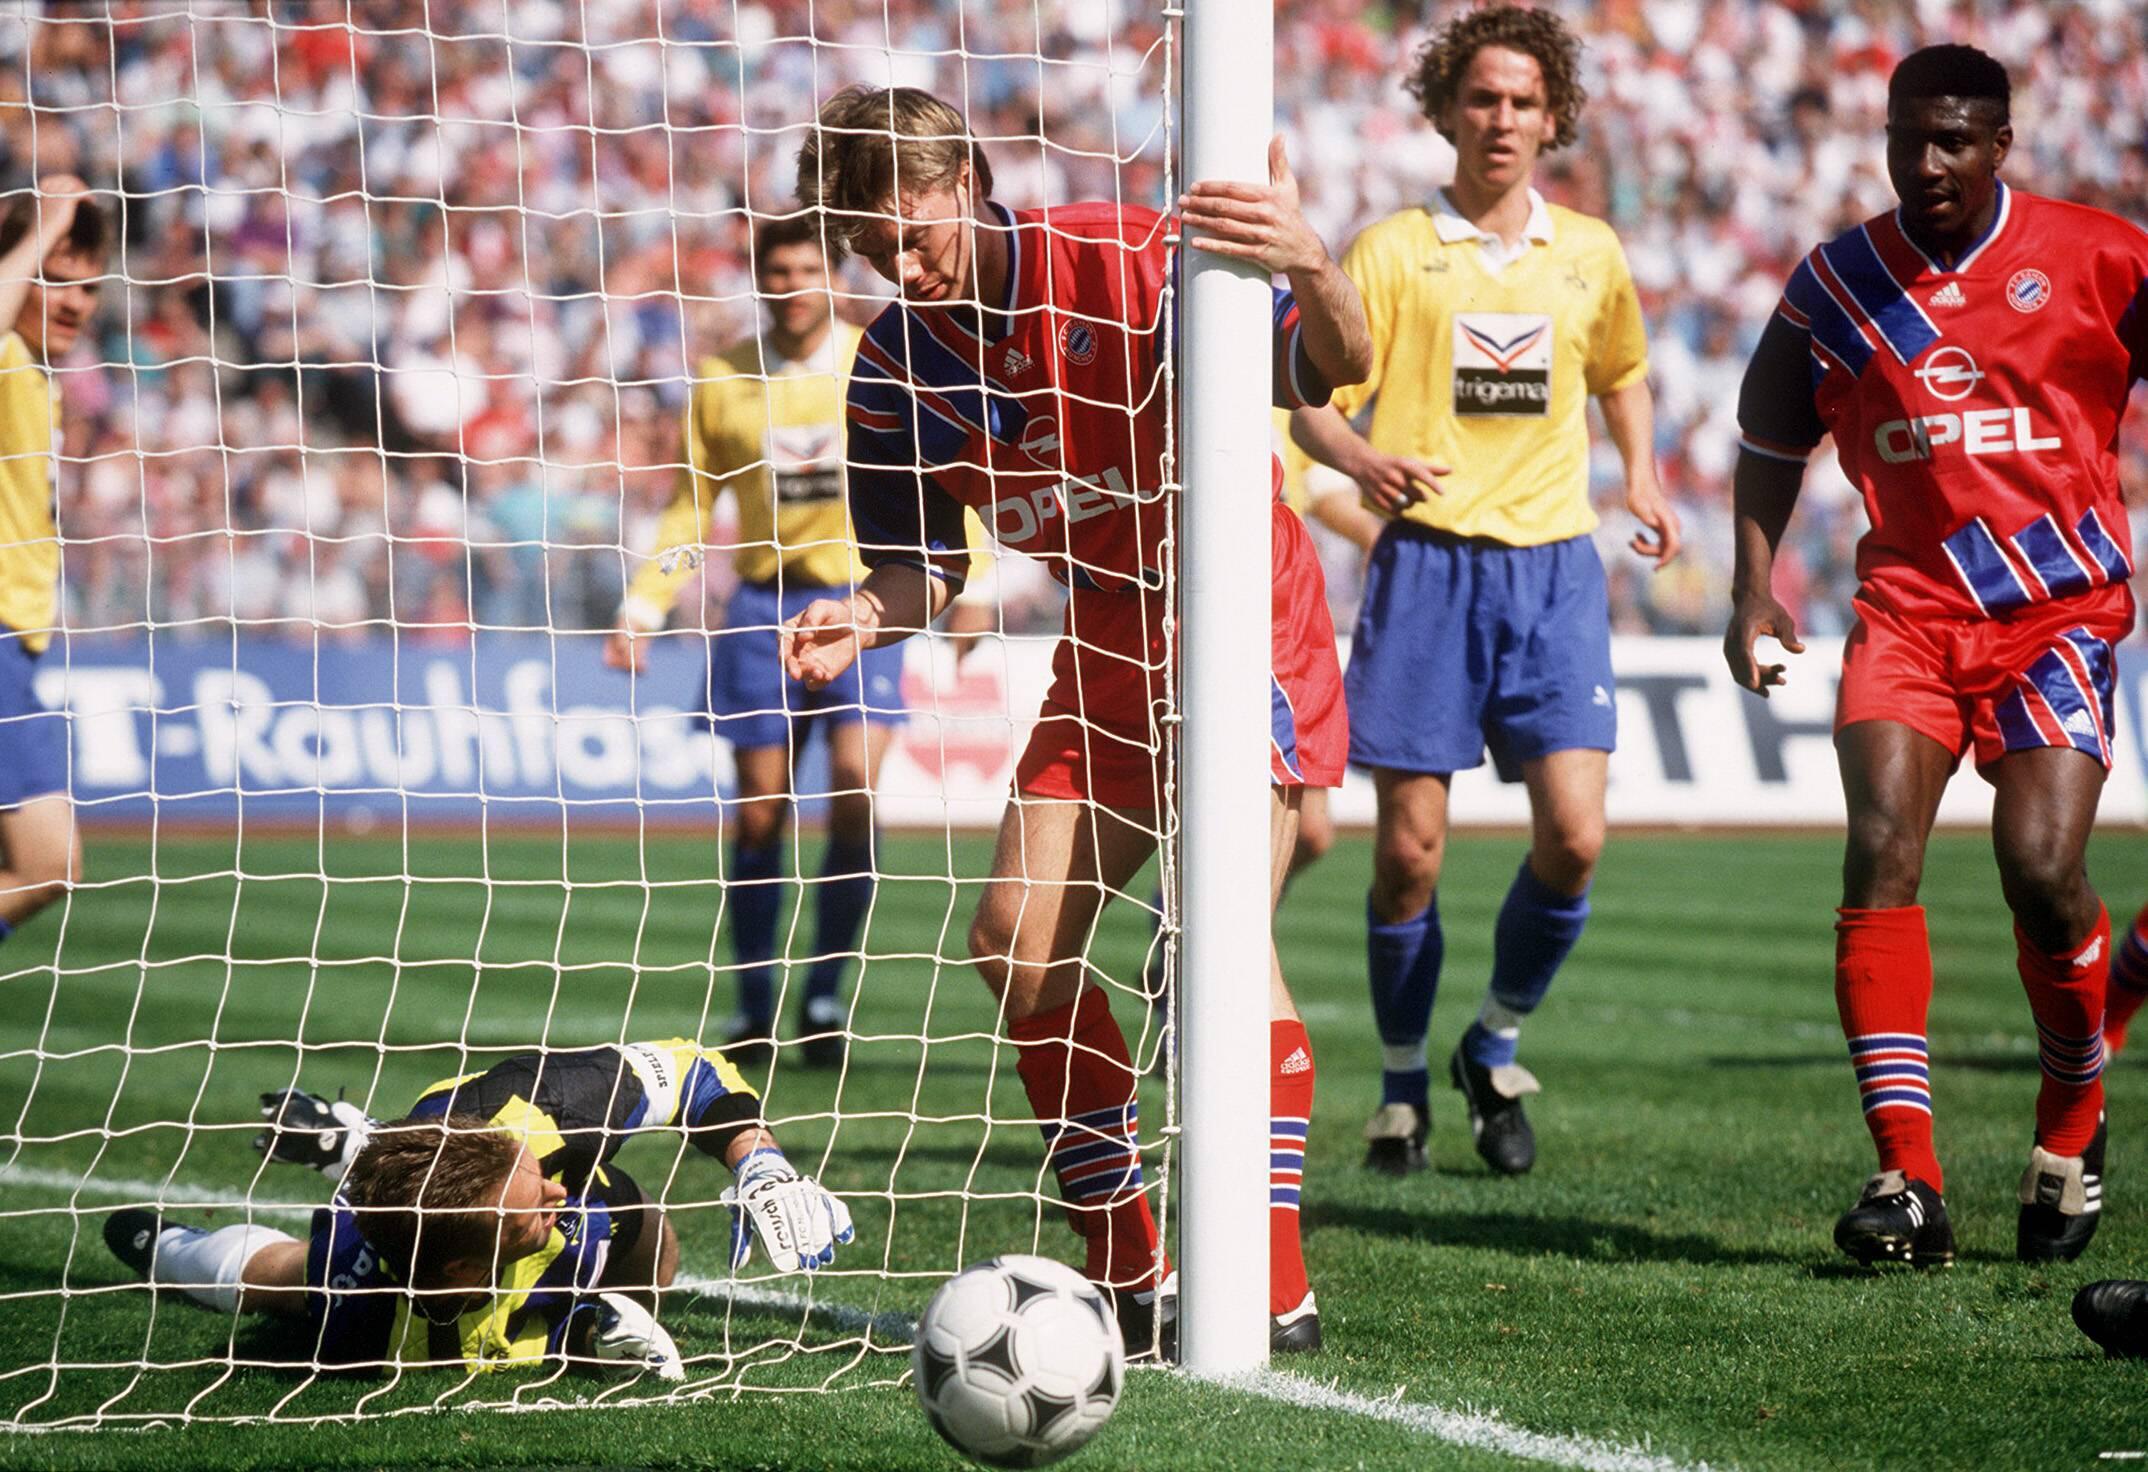 Bild zu Thomas Helmer, Tor, Bundesliga, Rekord, Fussball